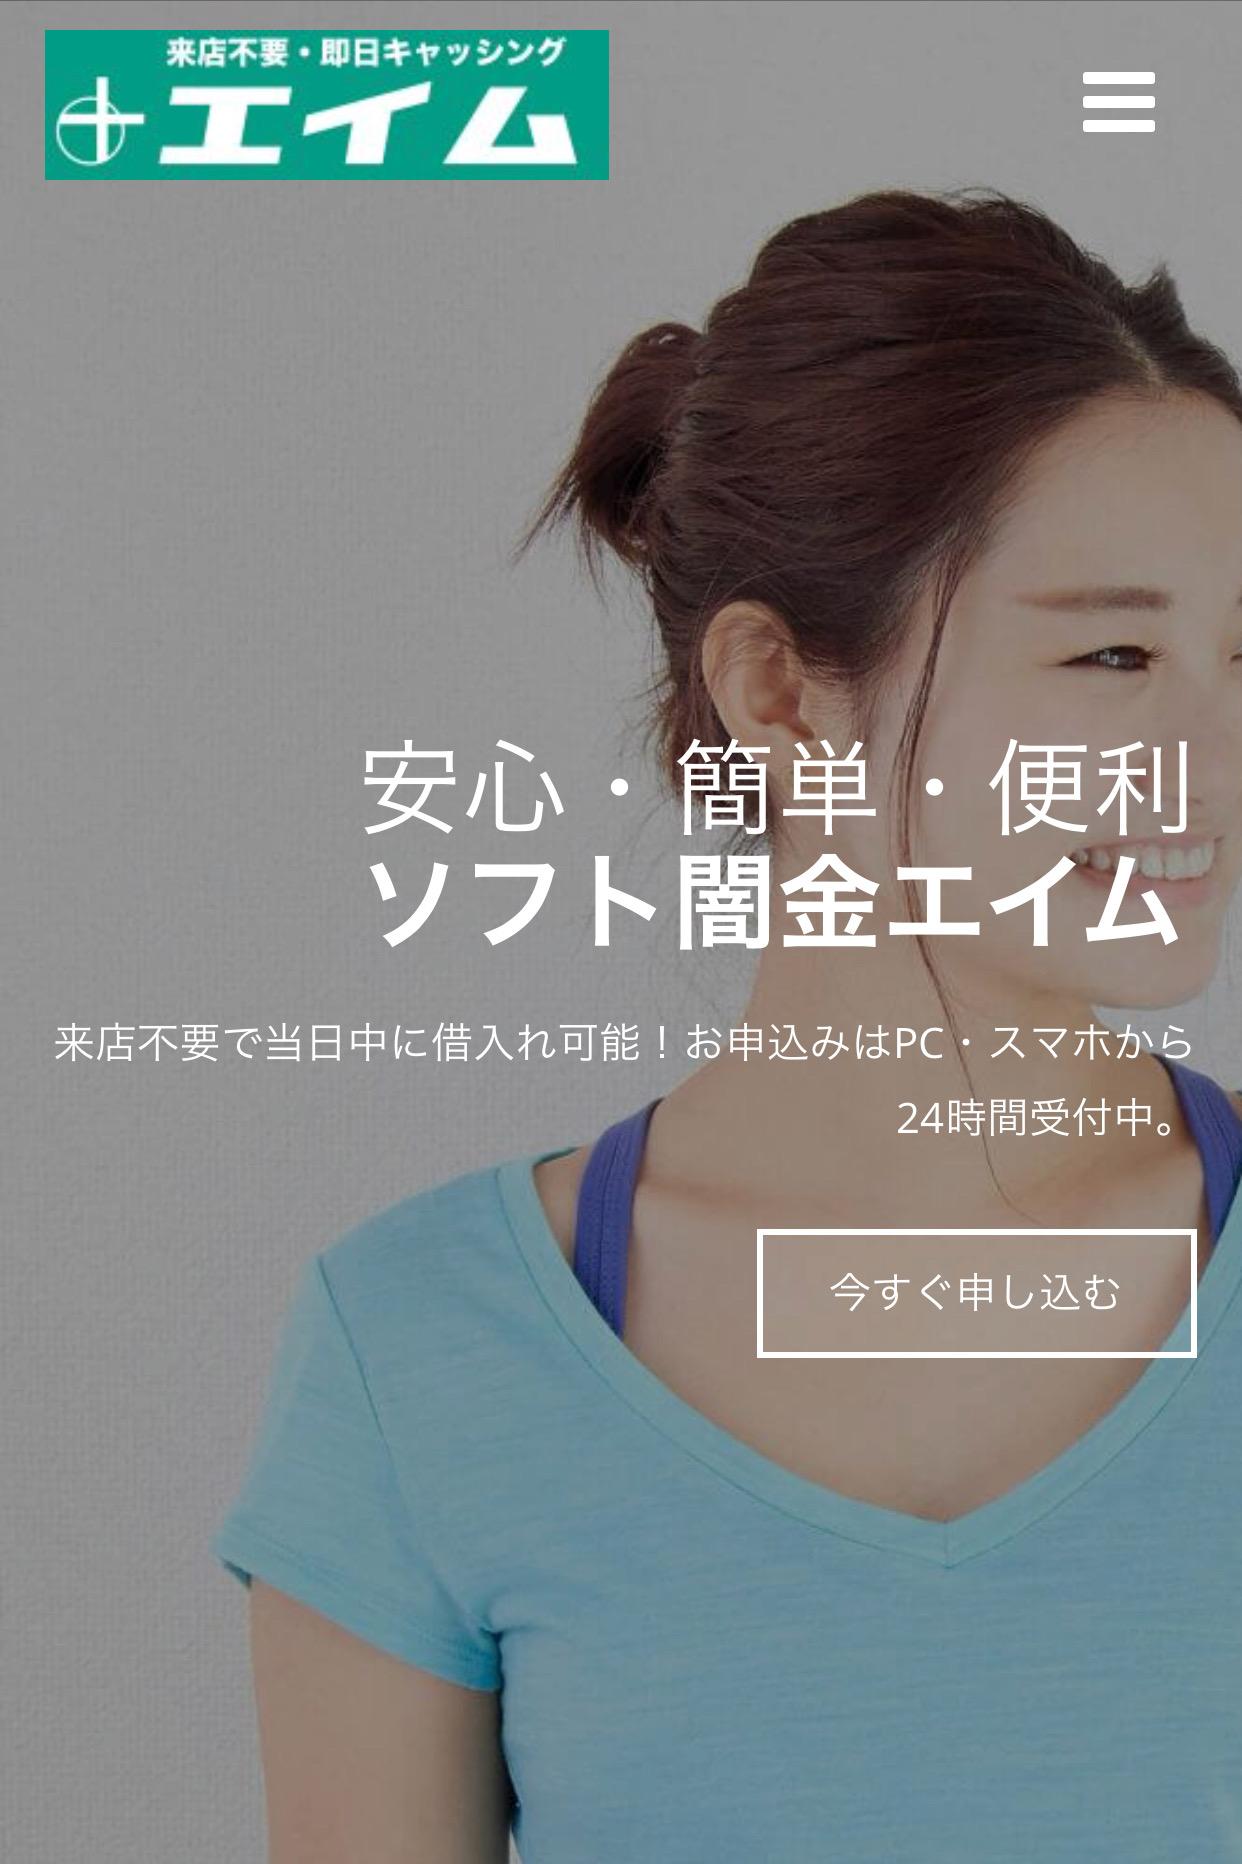 ソフト闇金エイムのサイト画像